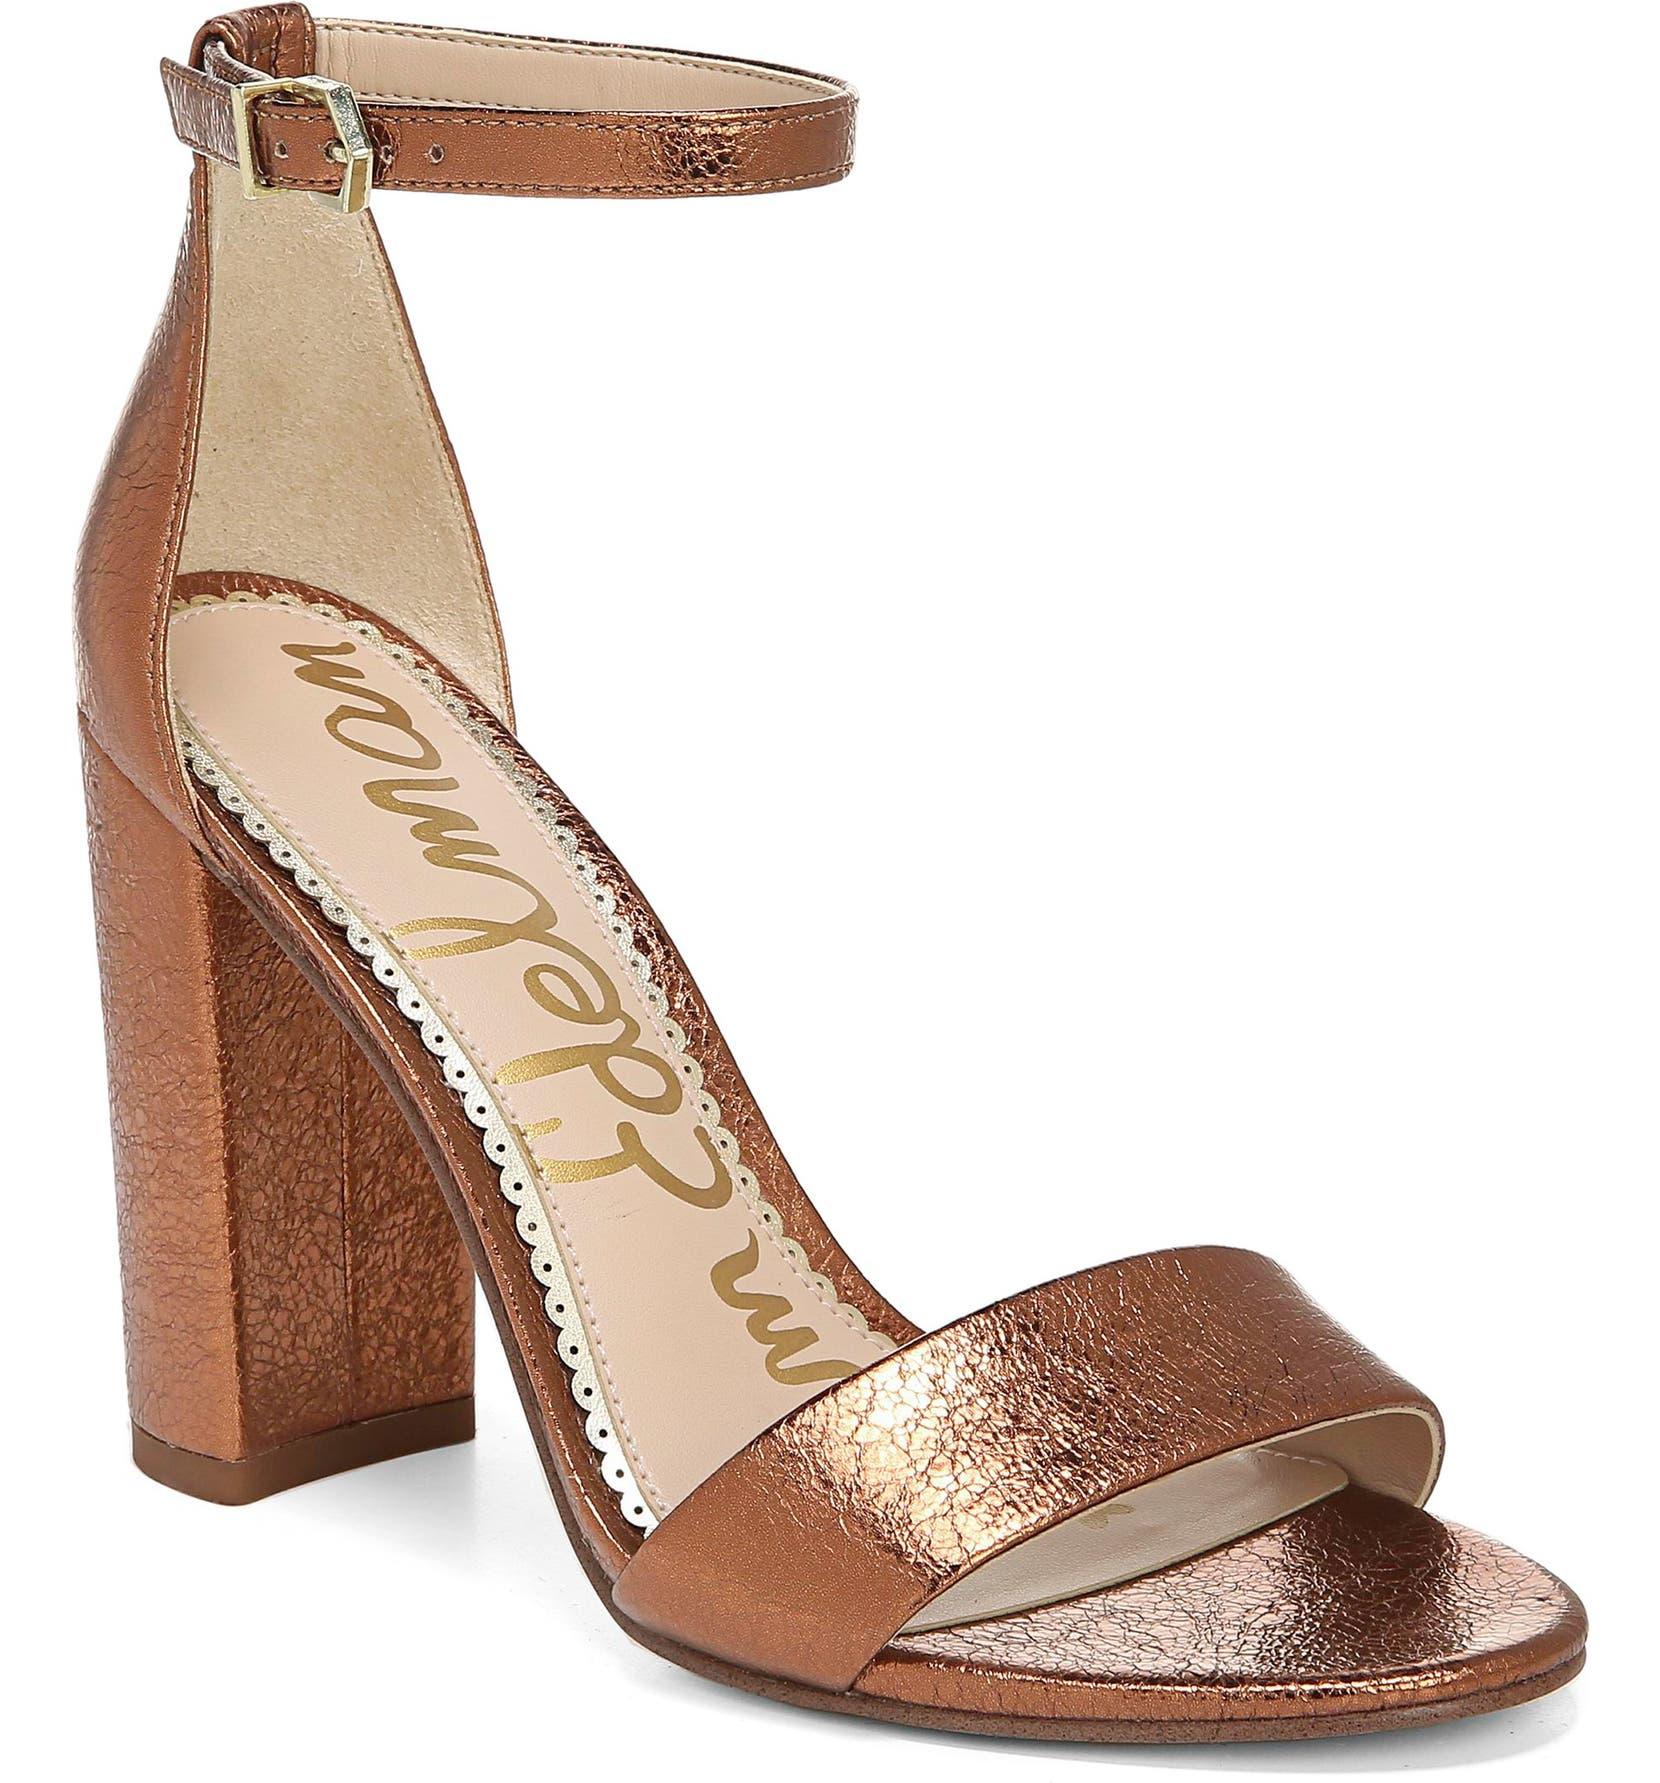 765a896a88a Yaro Ankle Strap Sandal